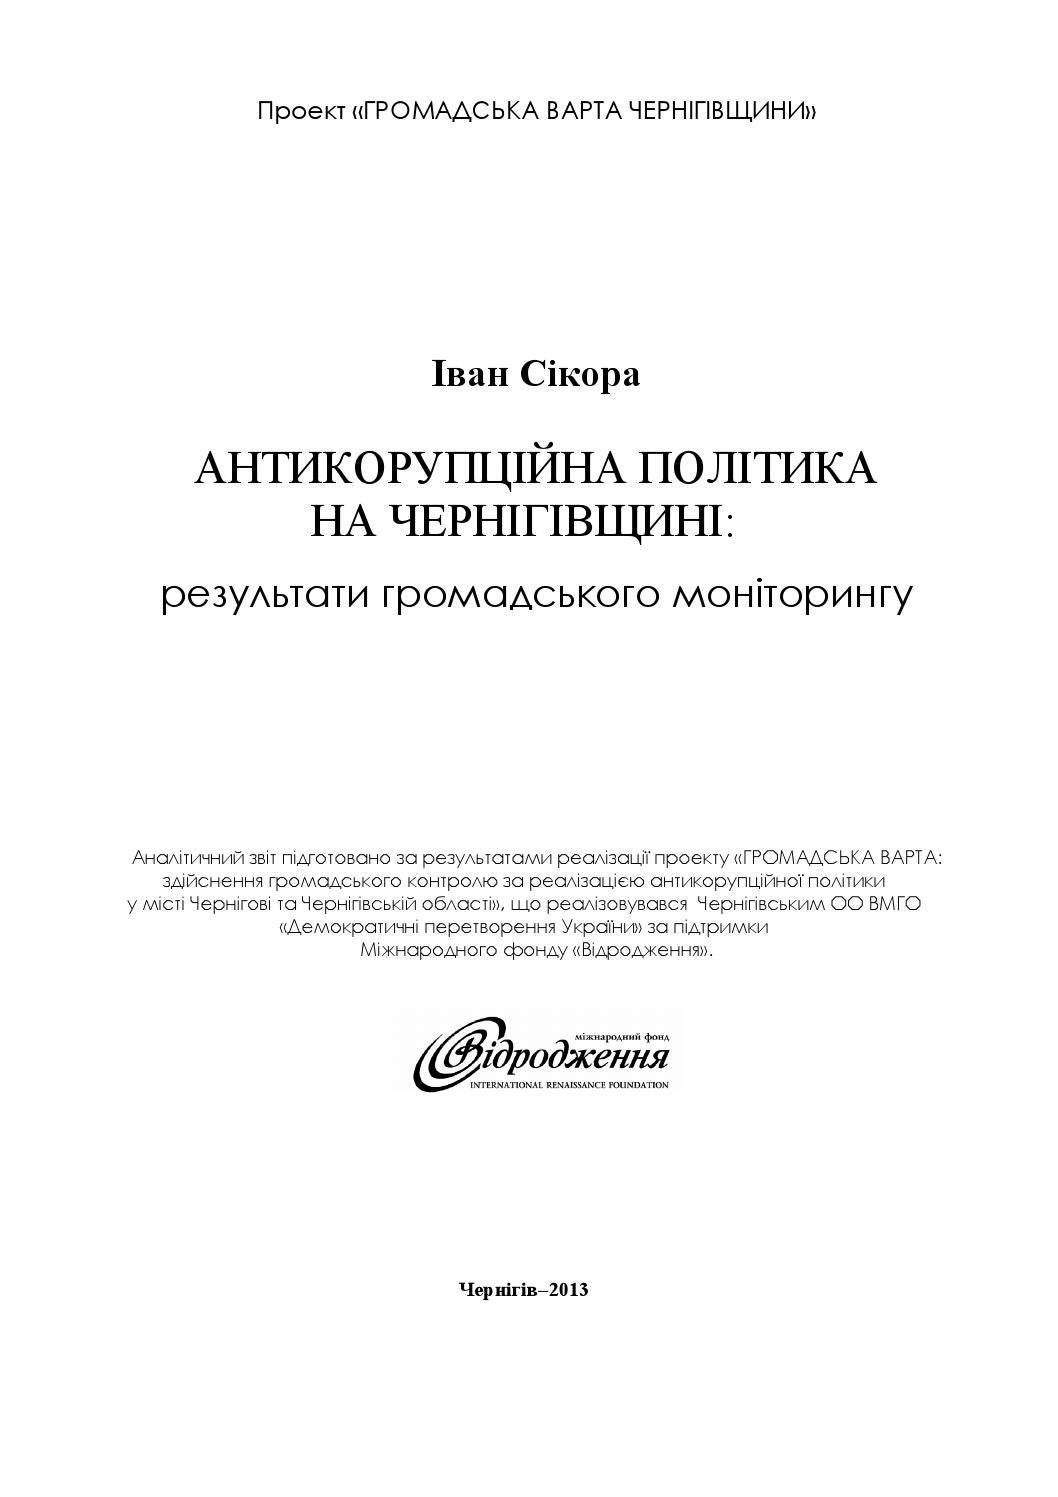 Антикорупційна політика на Чернігівщині  результати громадського  моніторингу by Міжнародний фонд